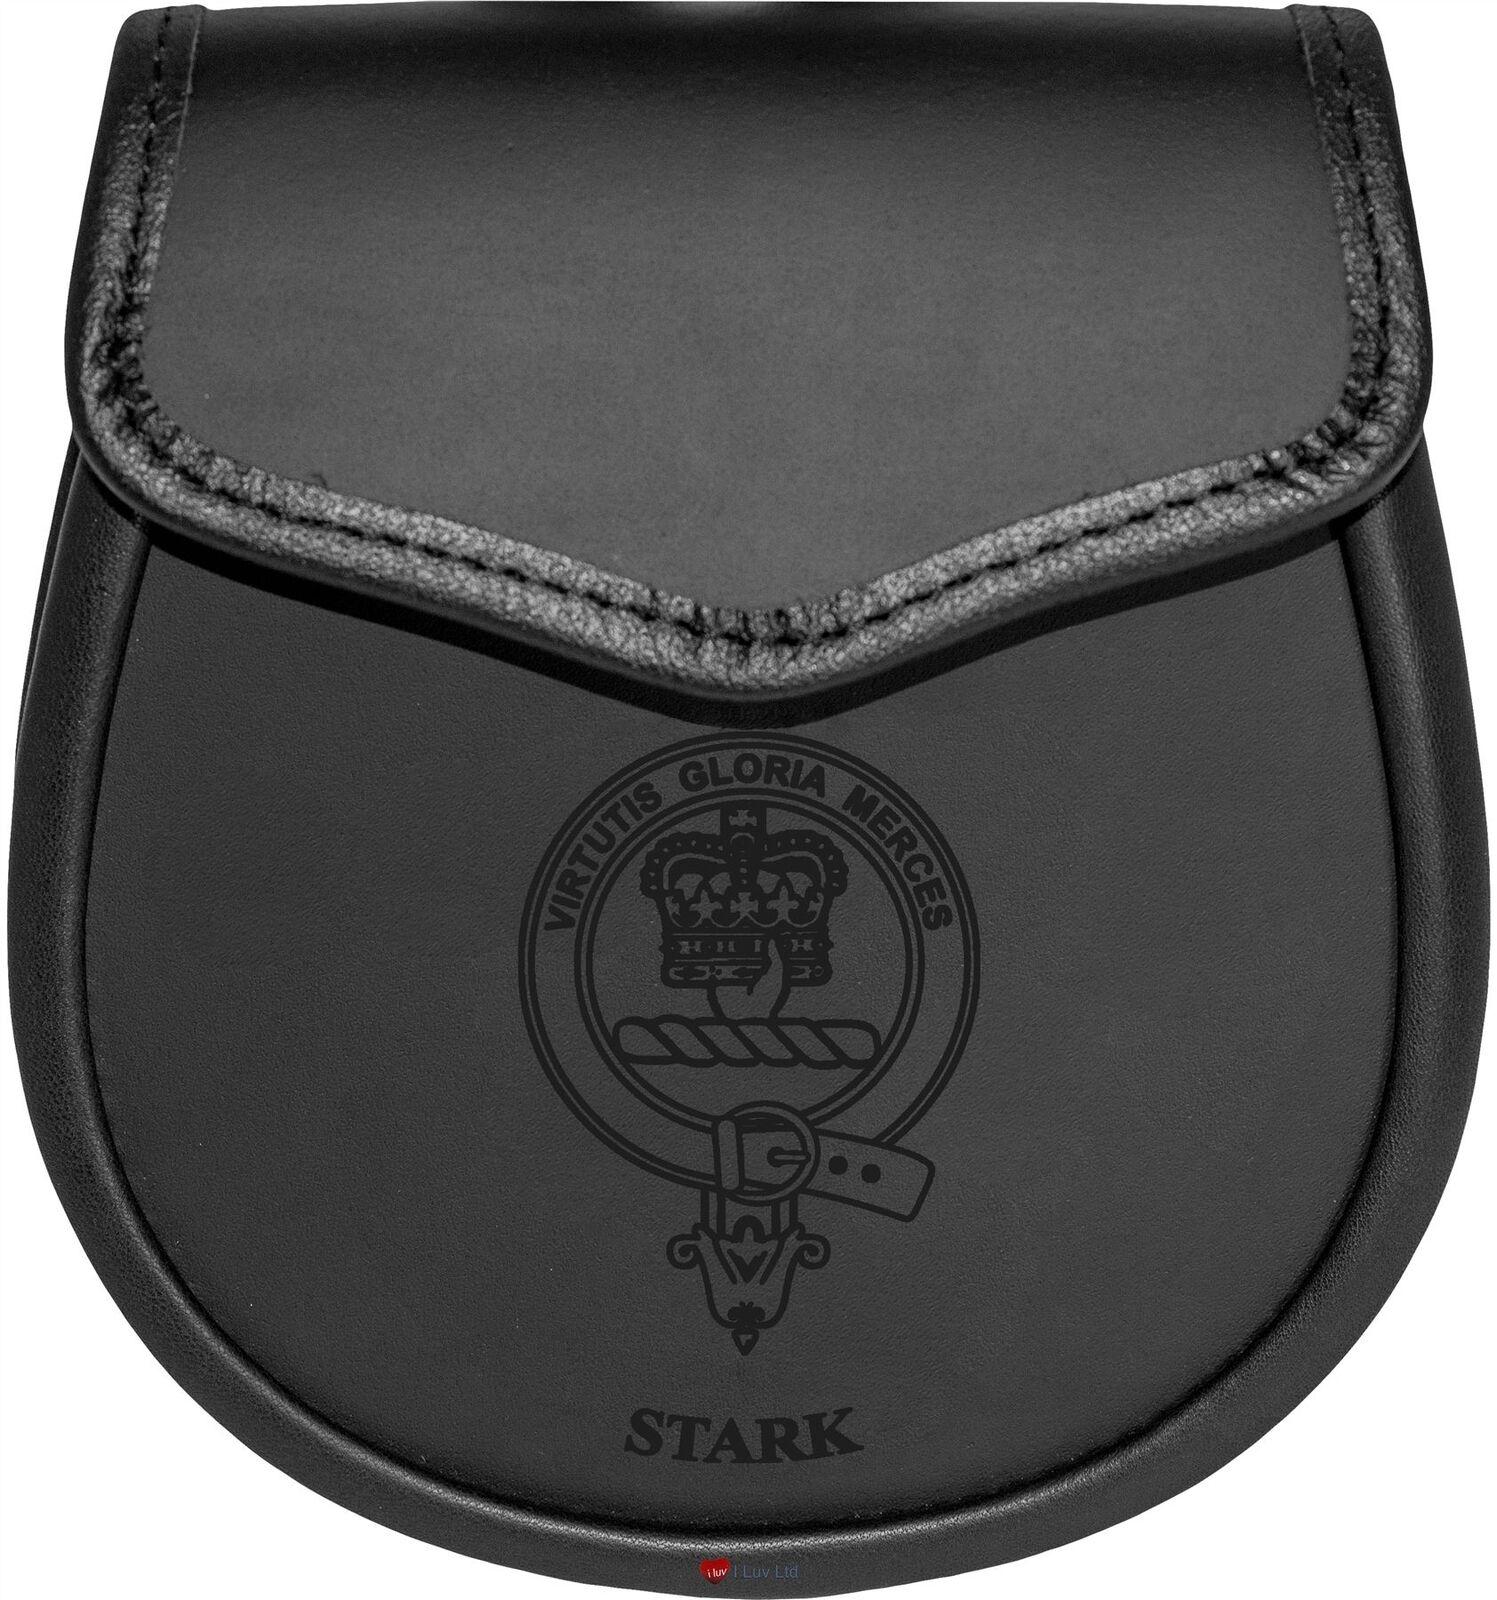 Stark Leather Day Sporran Scottish Clan Crest